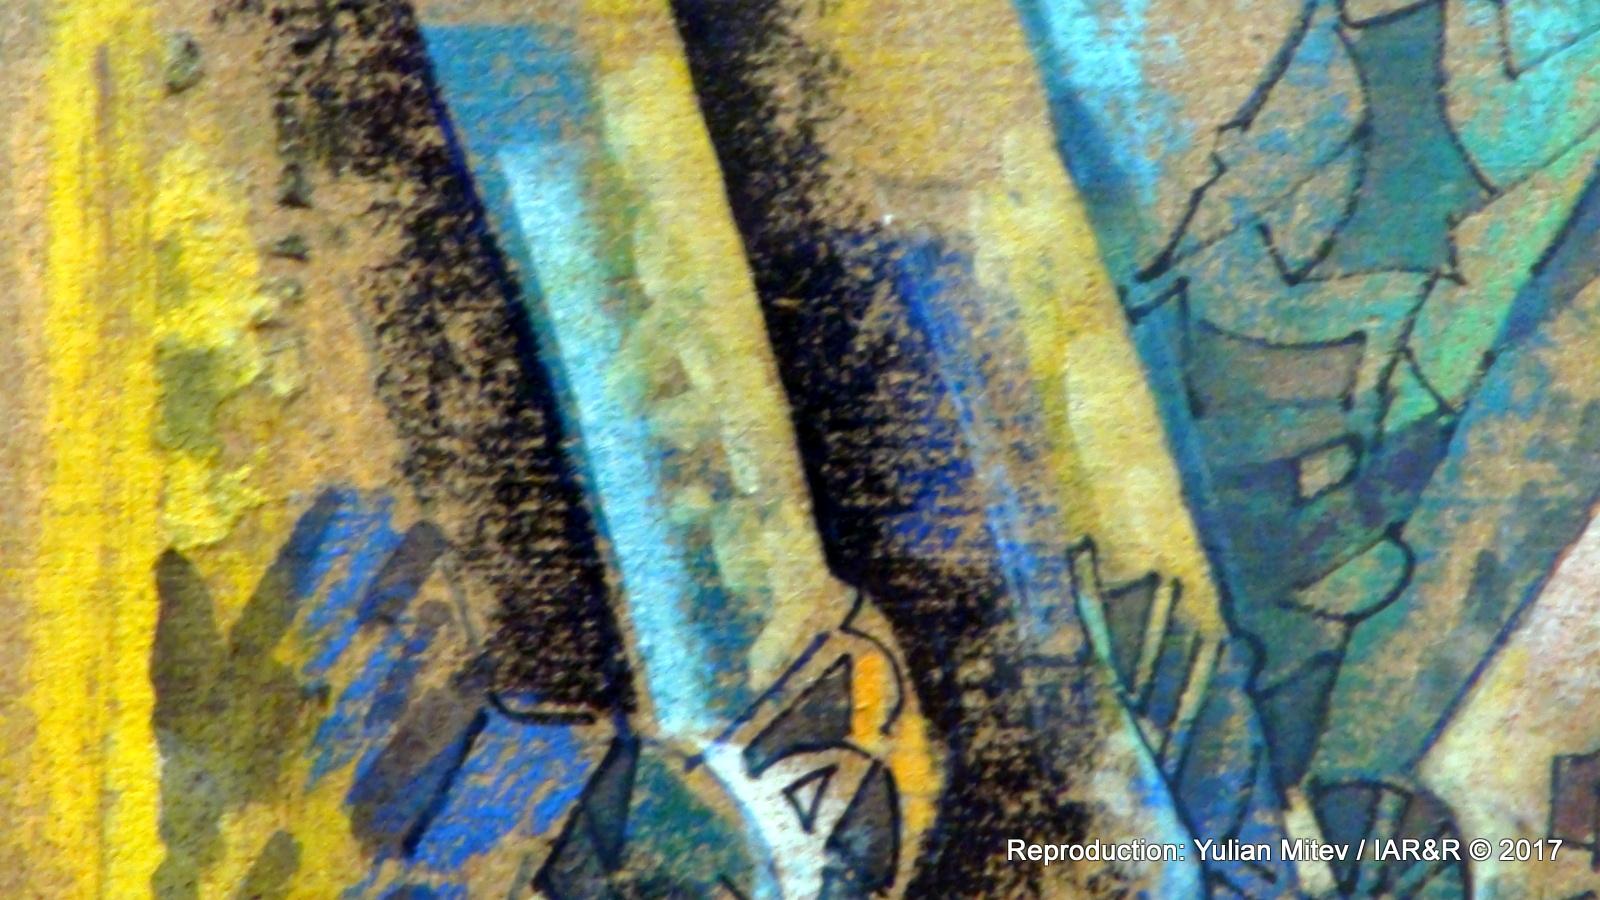 """НИКОЛА МАНЕВ, """"Посоки"""" (фрагмент), година на създаване – не е посочена, размери – не са посочени, провенанс – ателието на художника, естимейт 350 €"""